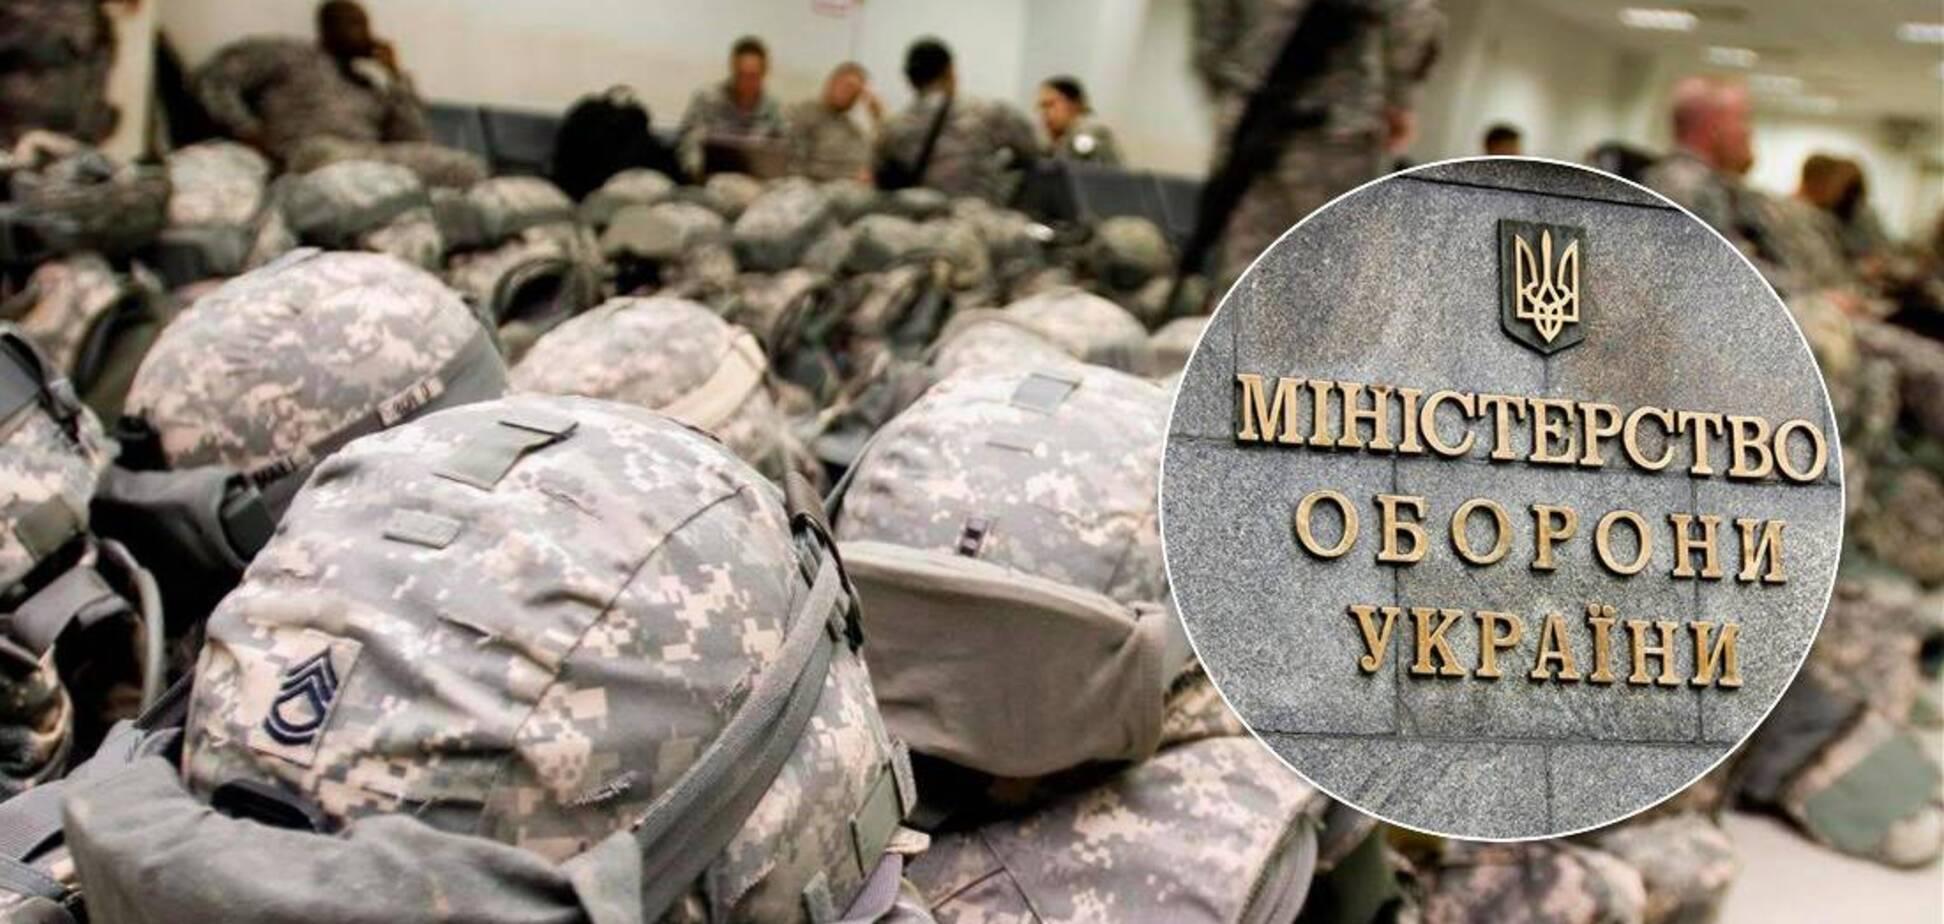 Неякісні бронежилети Міноборони 'підігнали' під одного виробника: Марченко і Полторак знали– ЗМІ